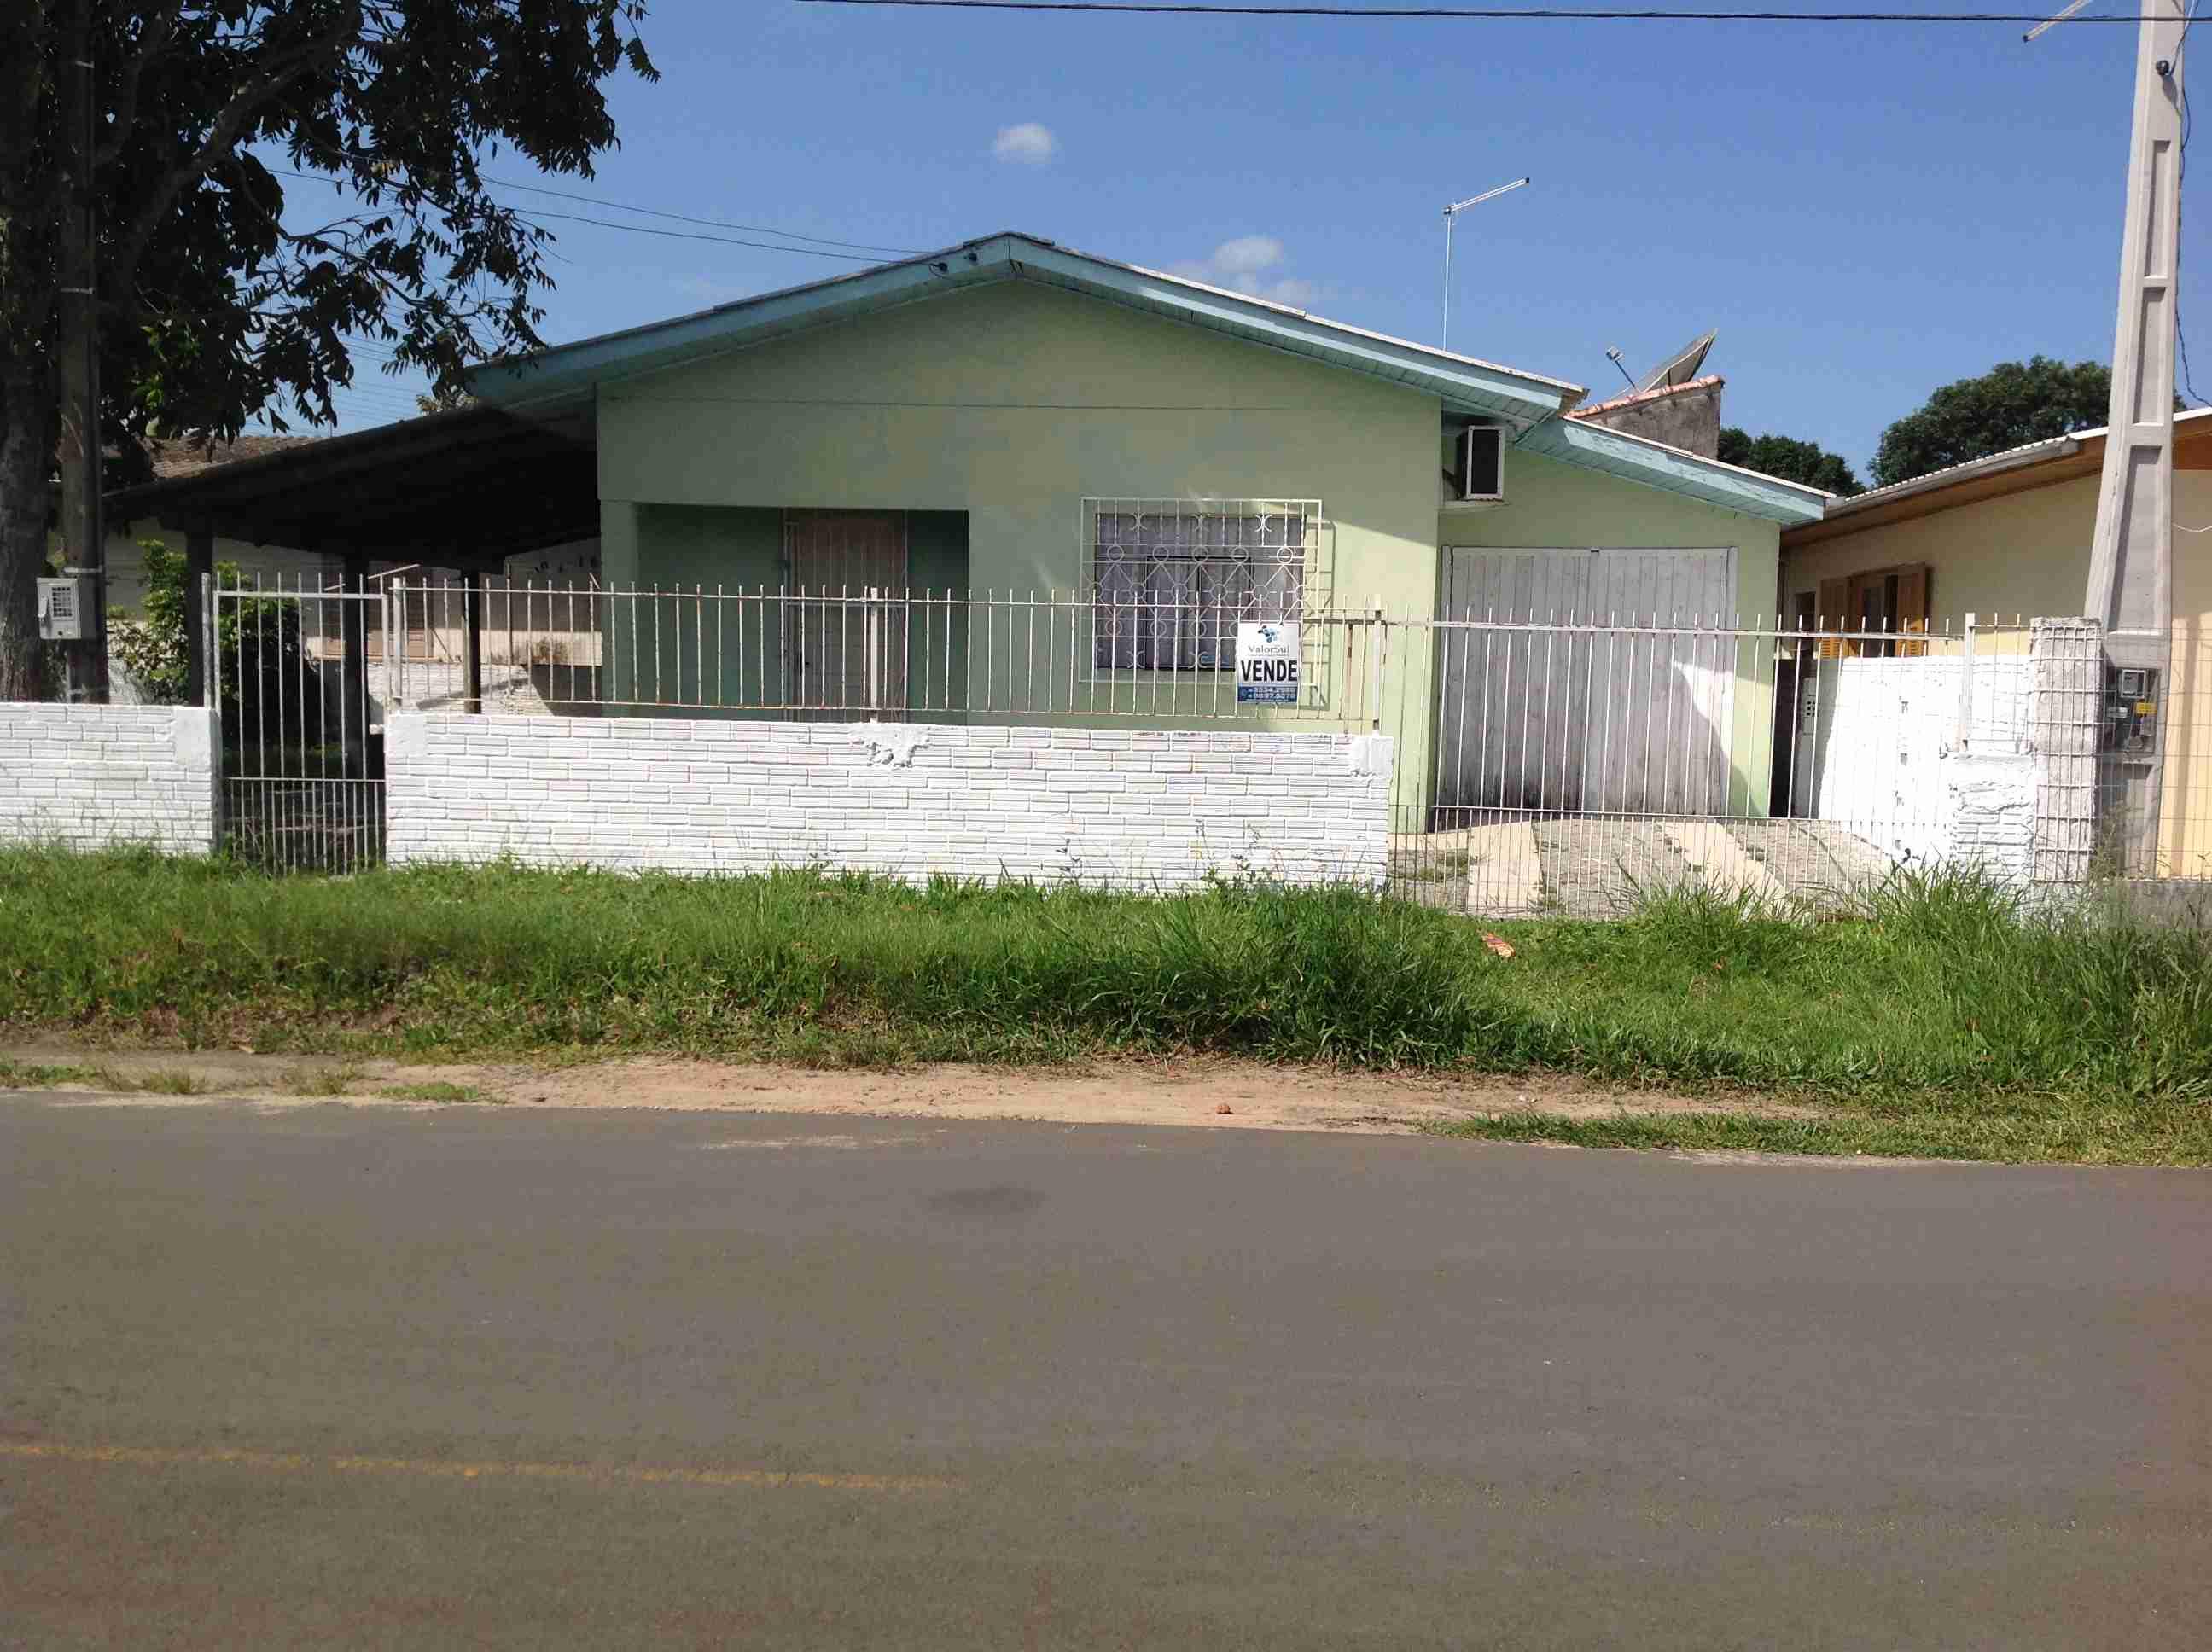 Imóvel (136) 01 casa um dormitório,sala cozinha geminada,banheiro garagem fechada,lote 12×27